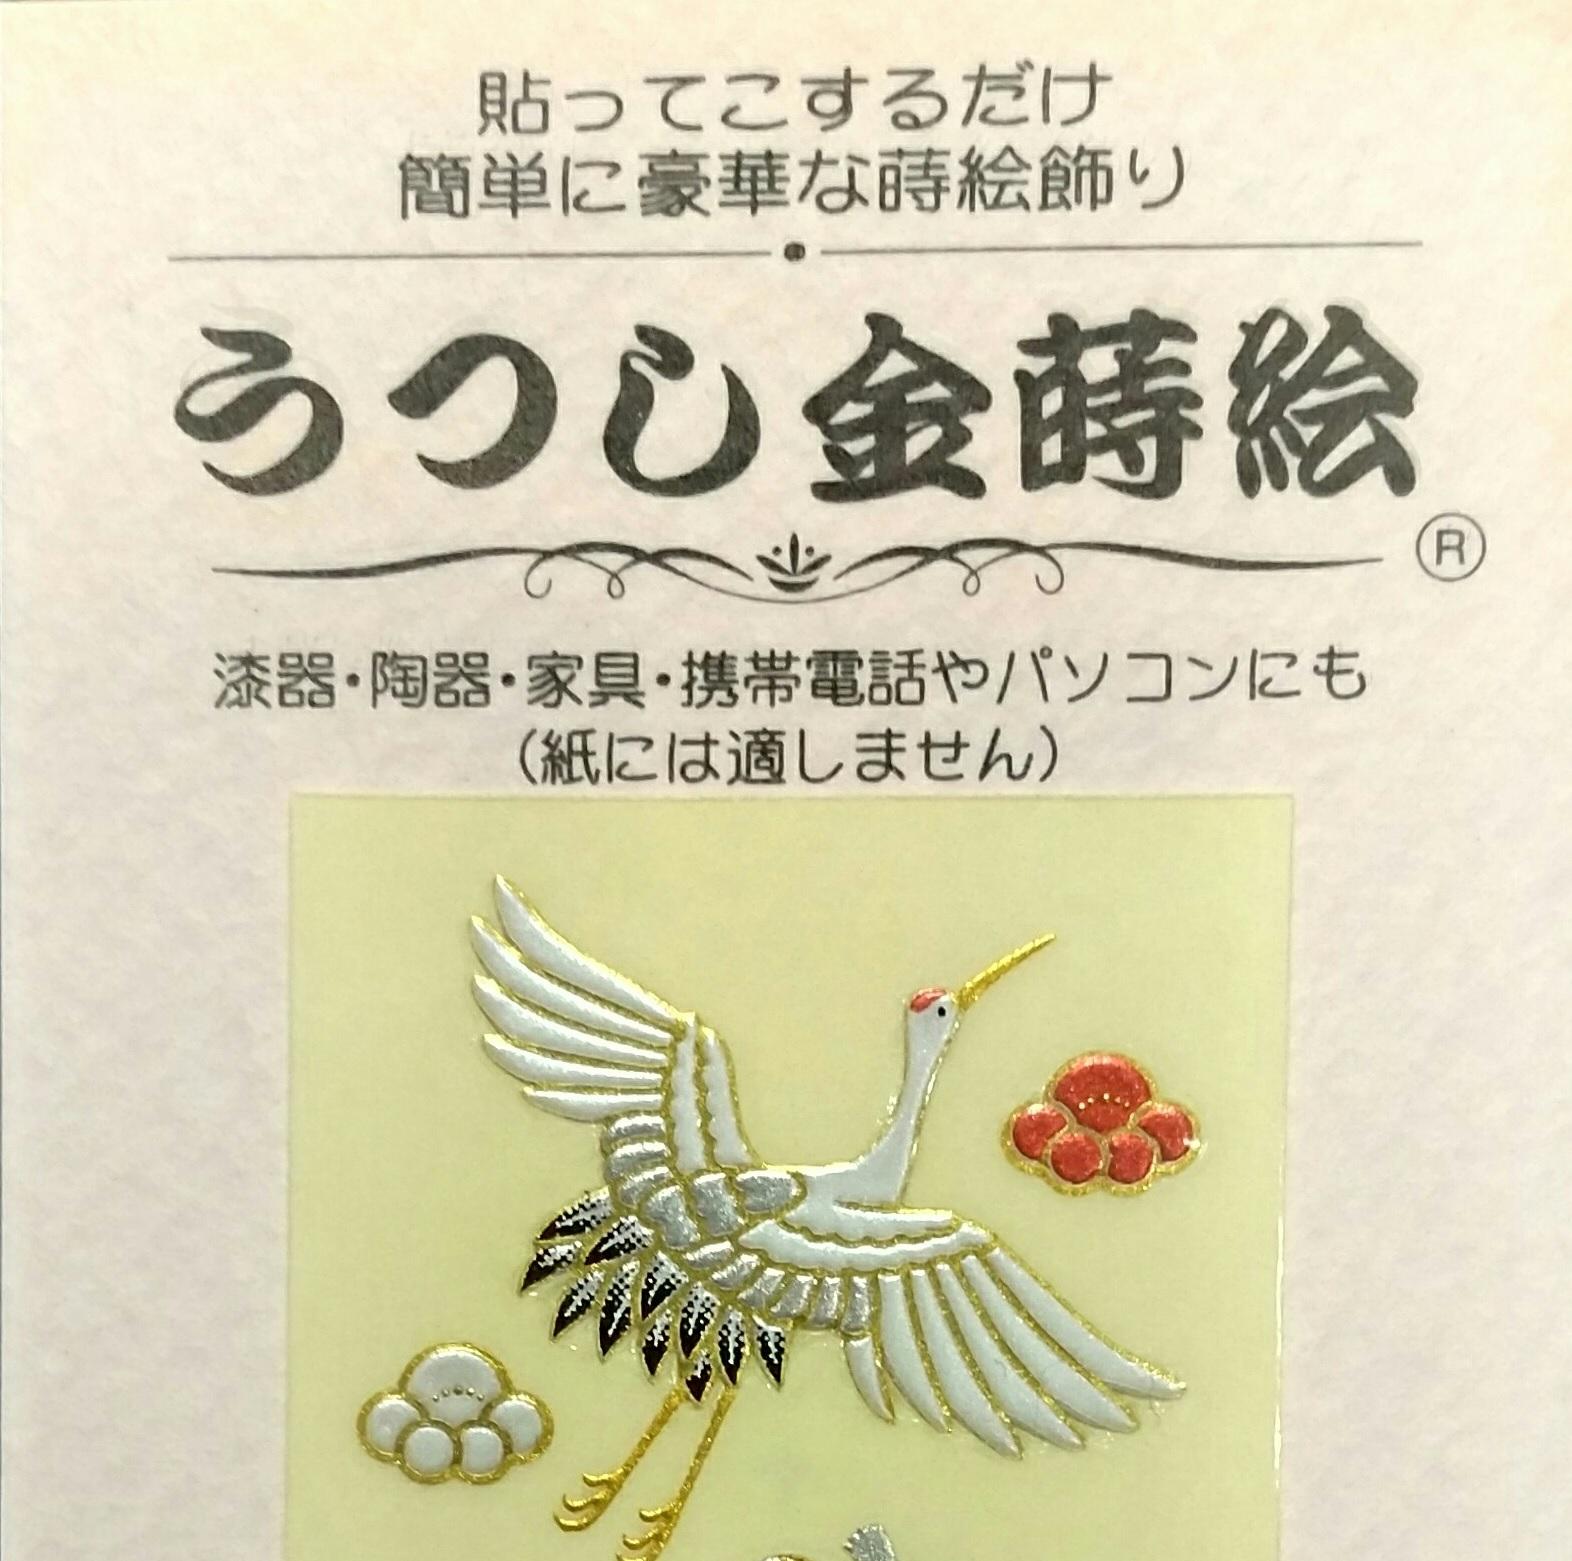 烏龜貼紙 (鶴龜金蒔繪)